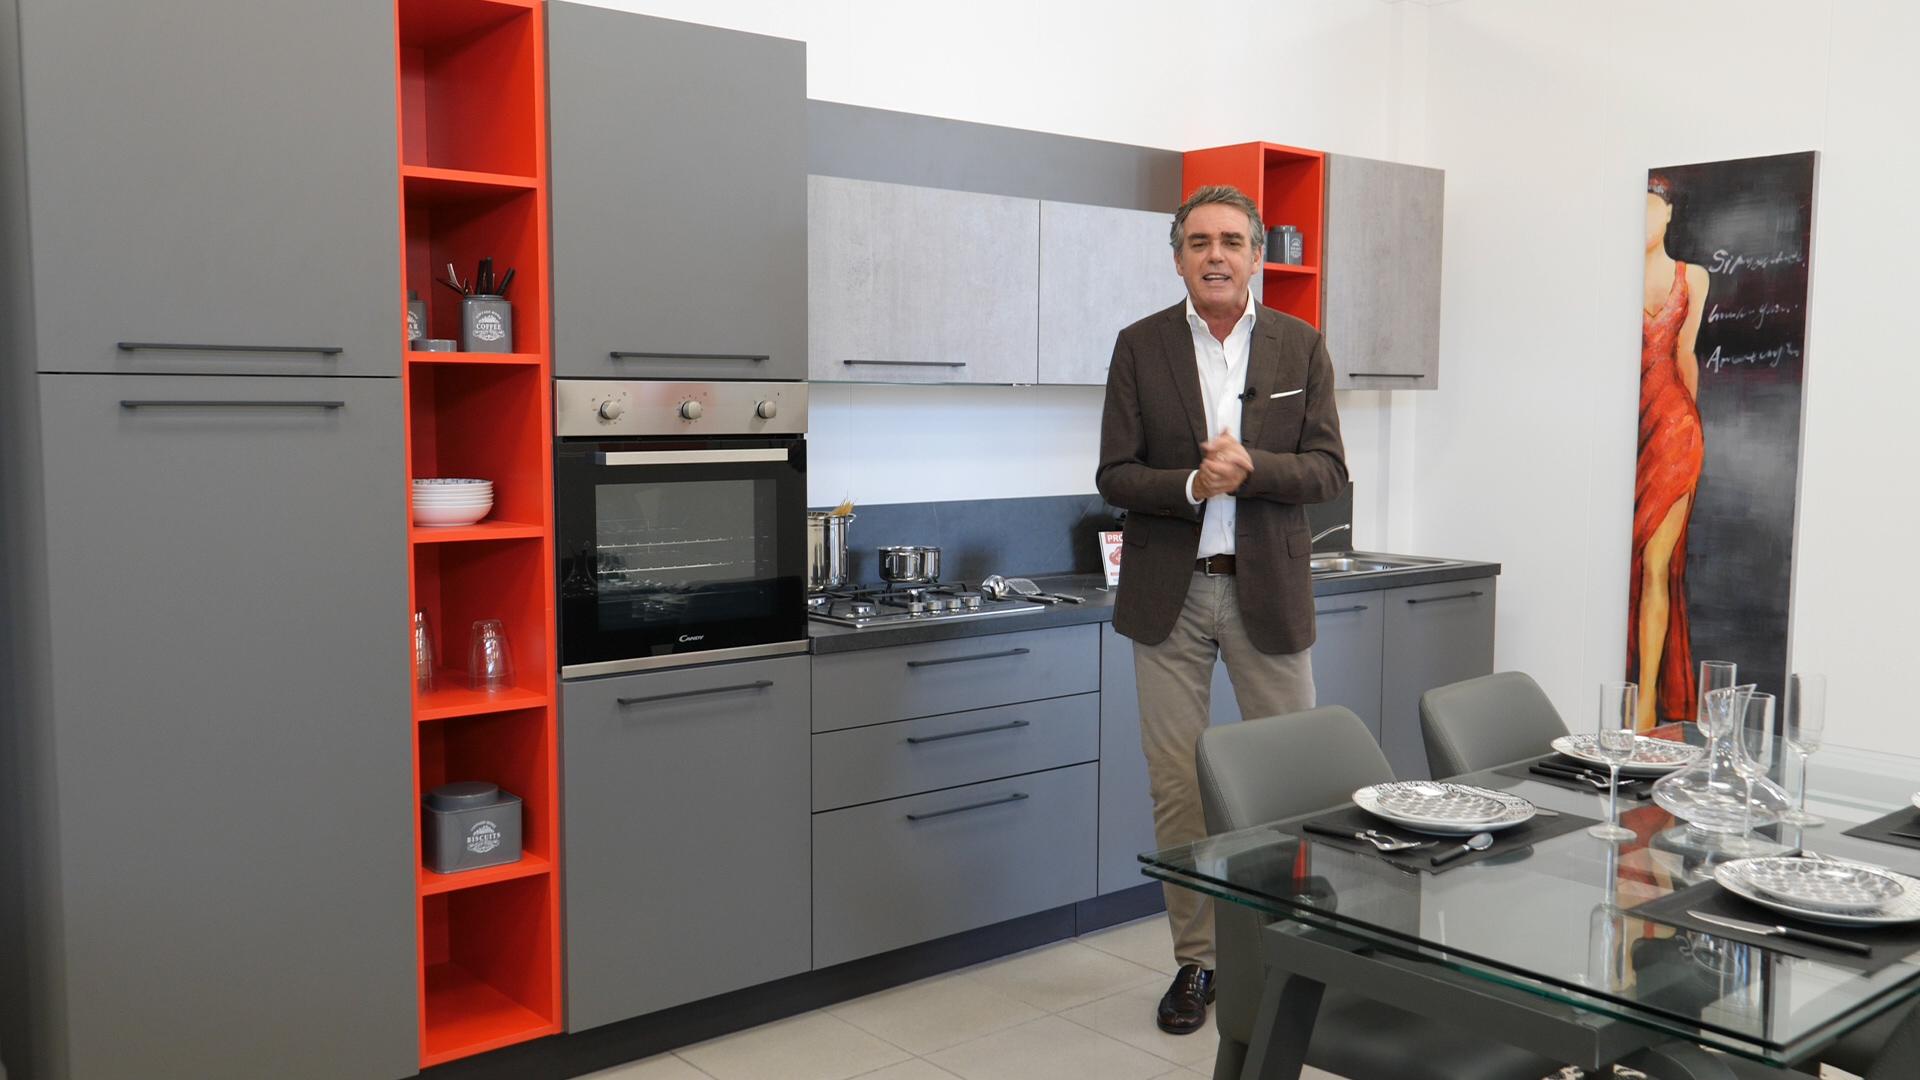 Cucina Bianca E Ciliegio cucina moderna grigio laccato, cemento spatolato e dettagli